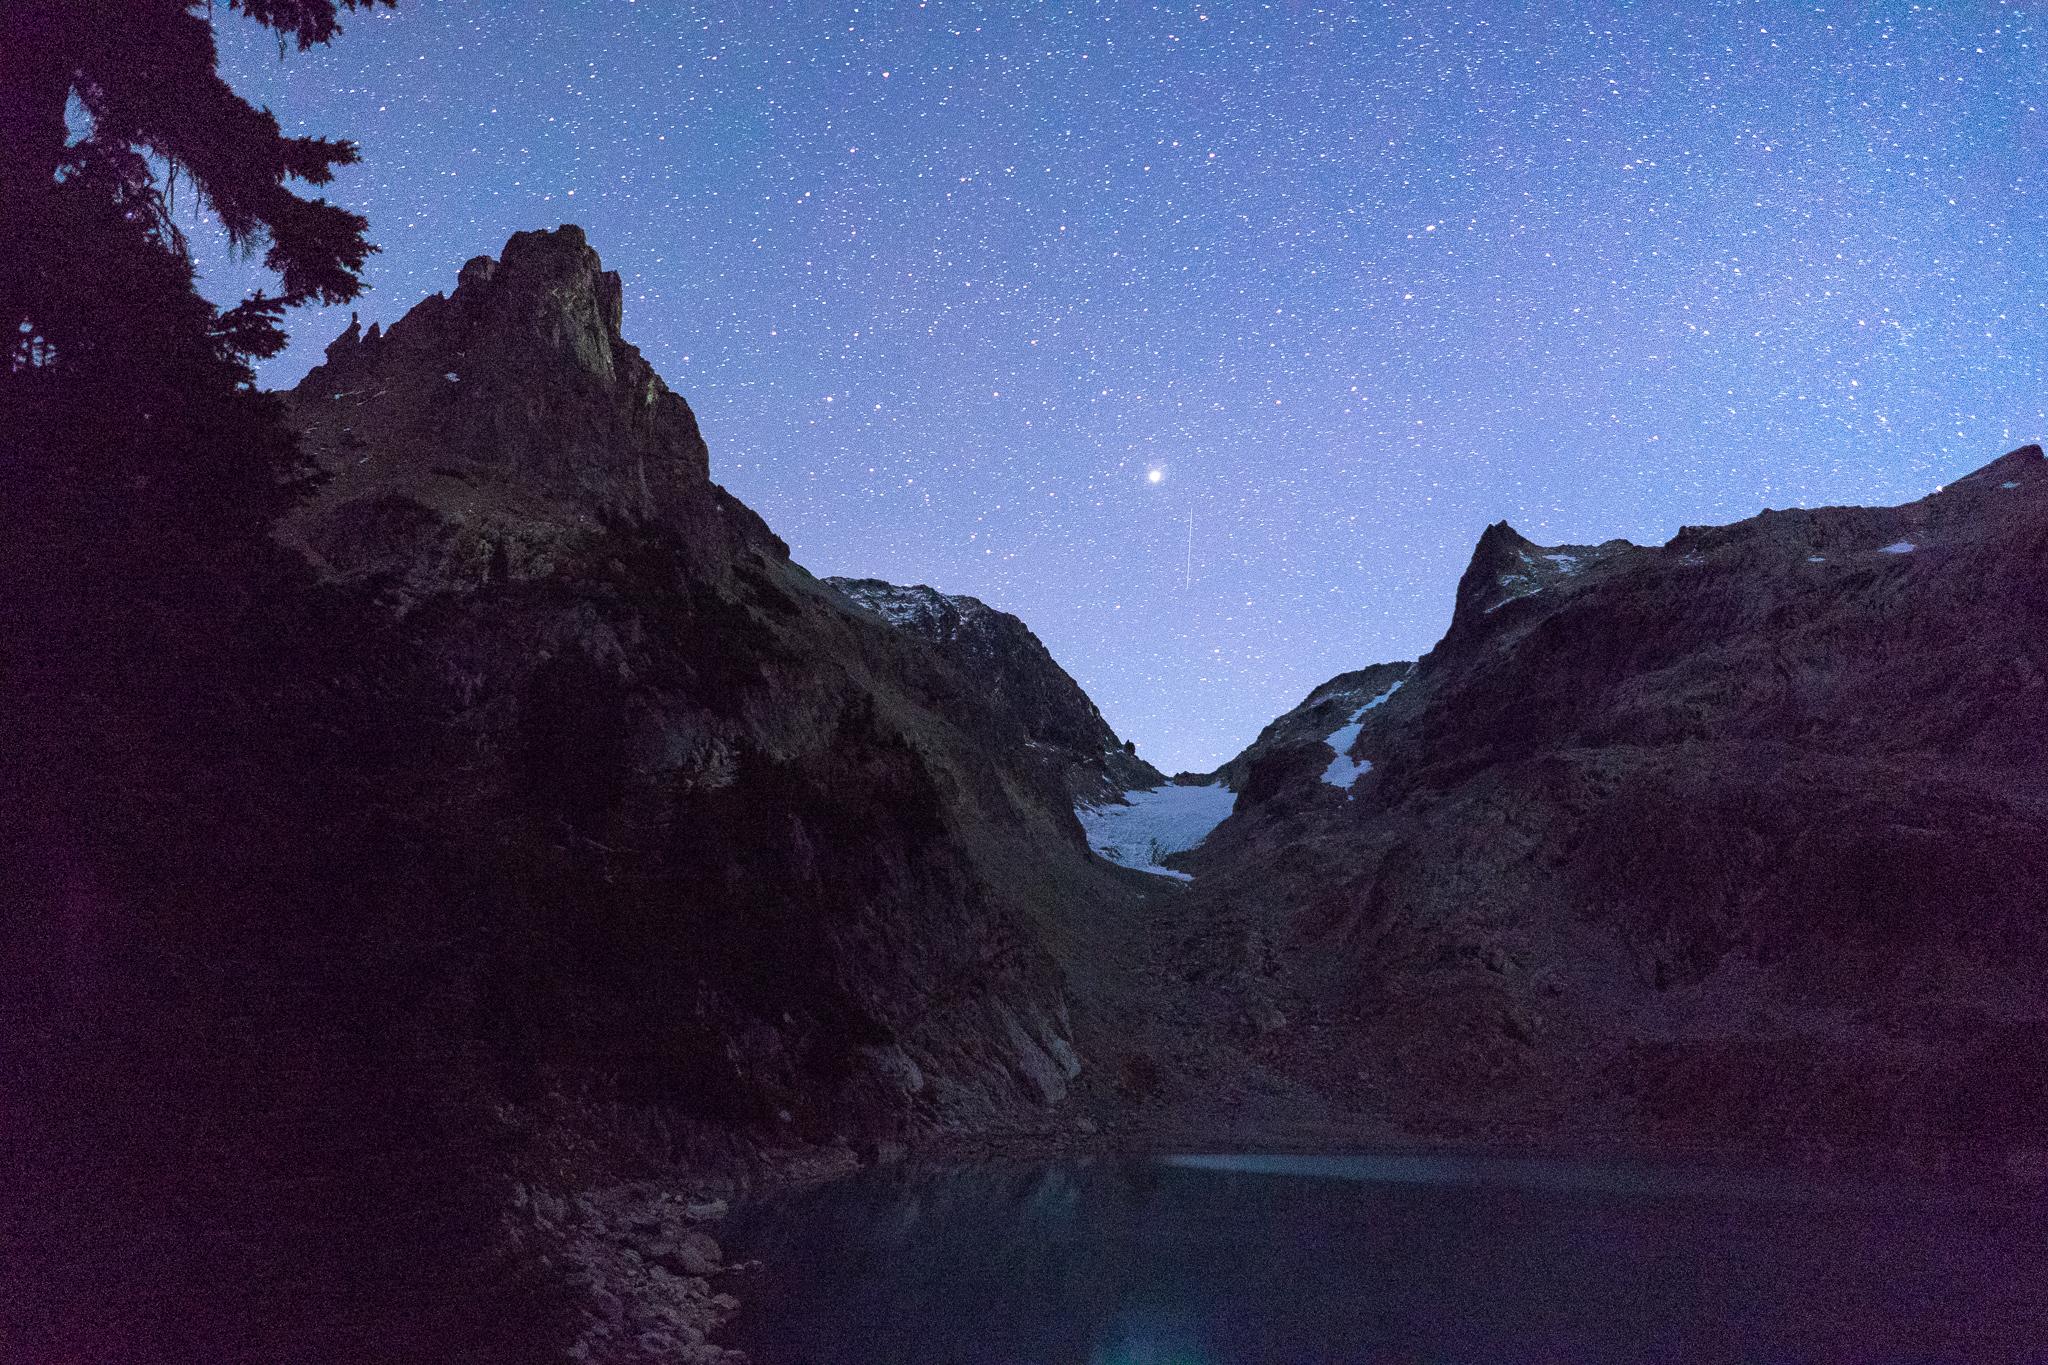 Jade Lake night sky